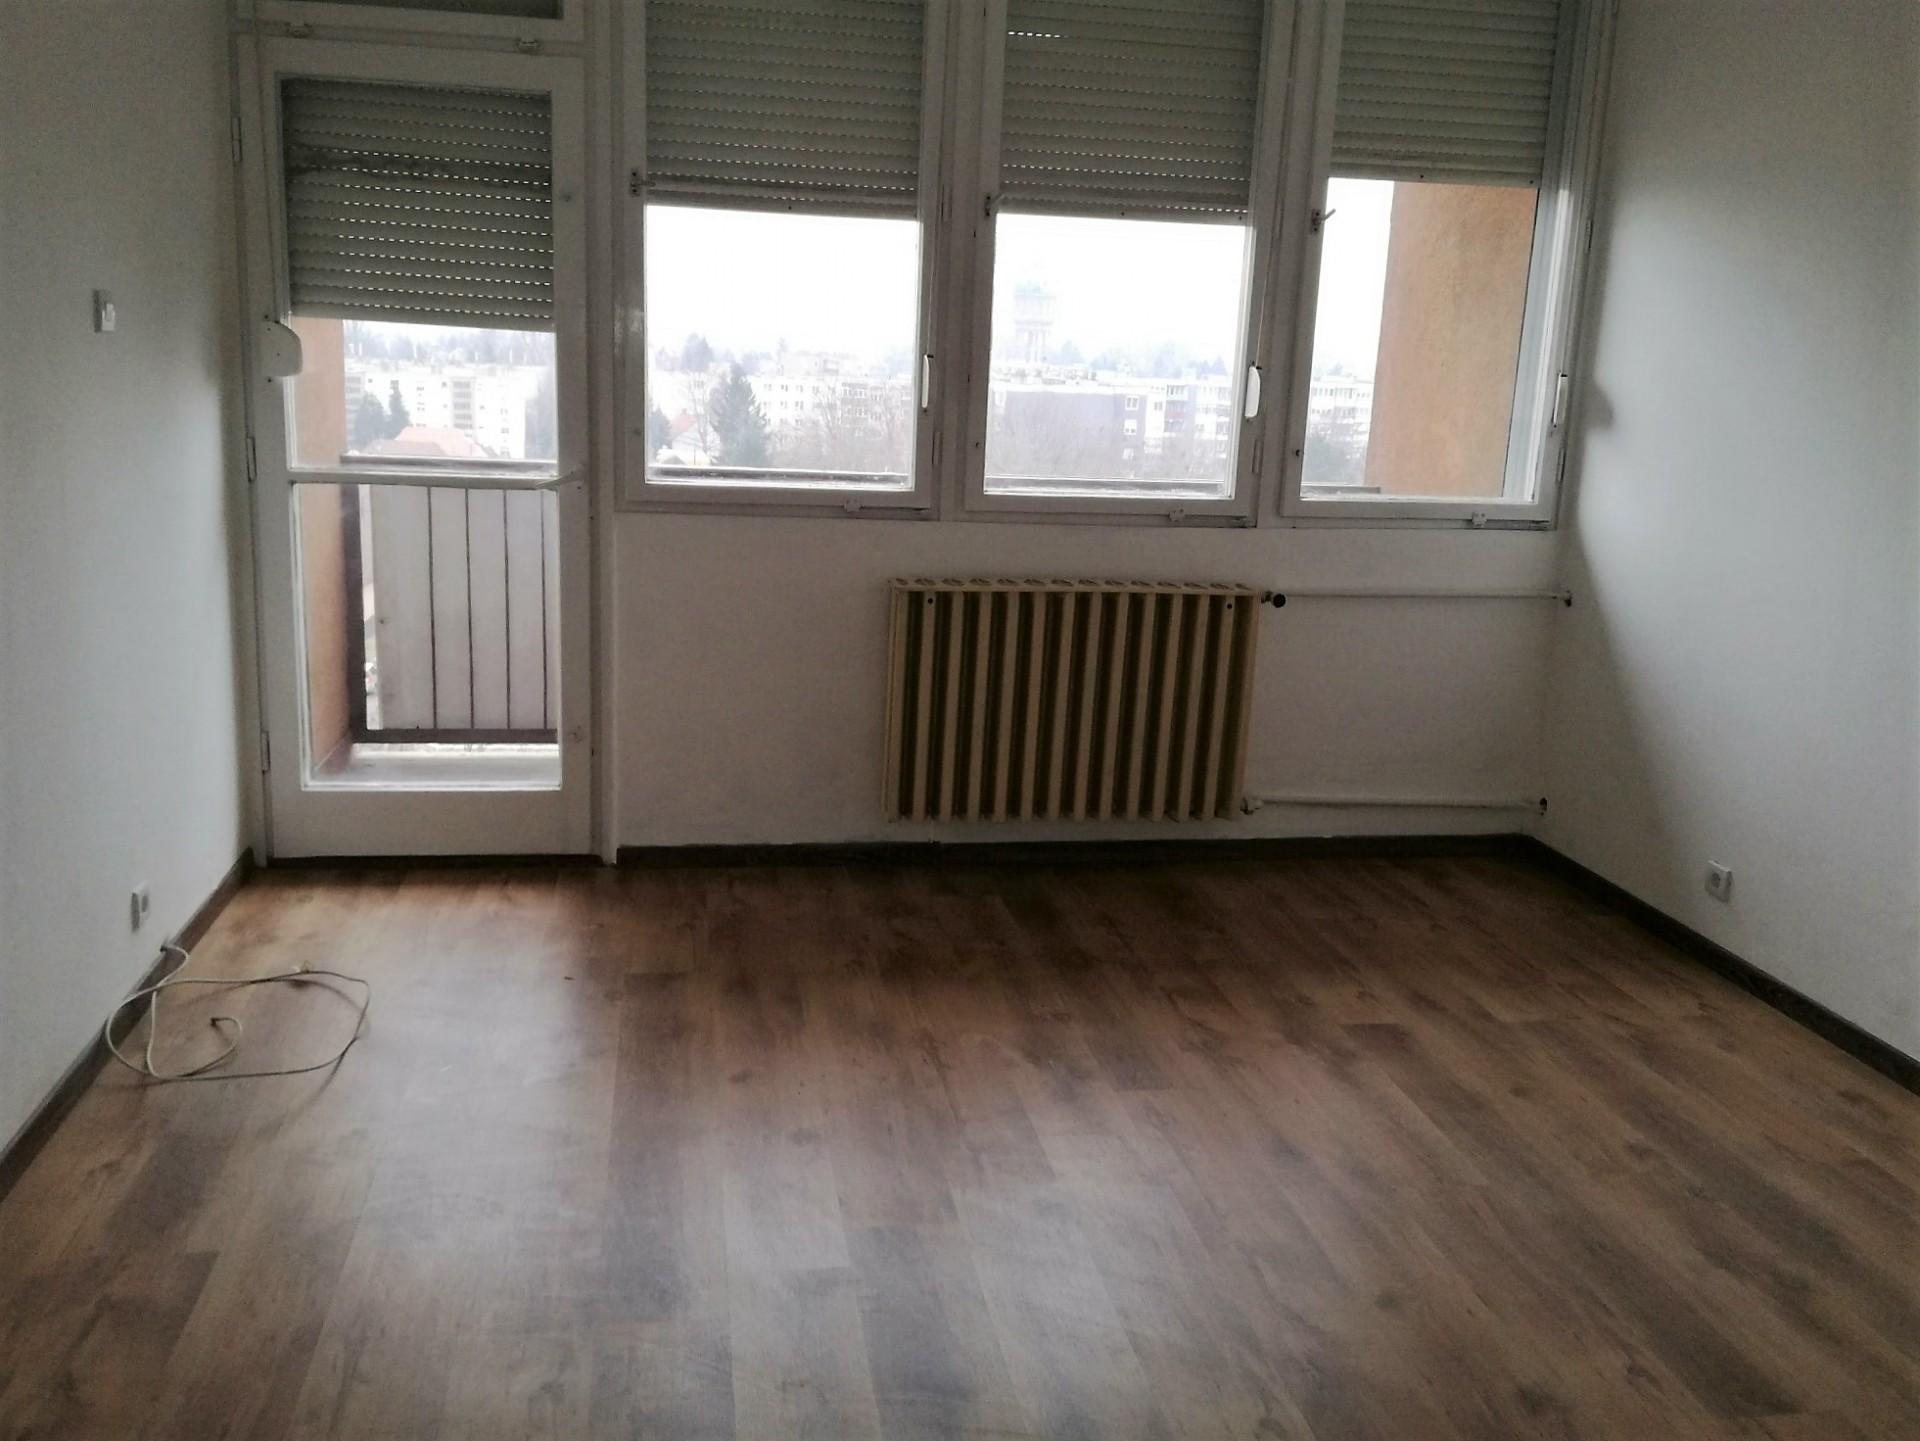 Szombathelyen a Joskar-Olan 6.emeleti felújított, 59 nm-es lakás, erkélyes eladó.